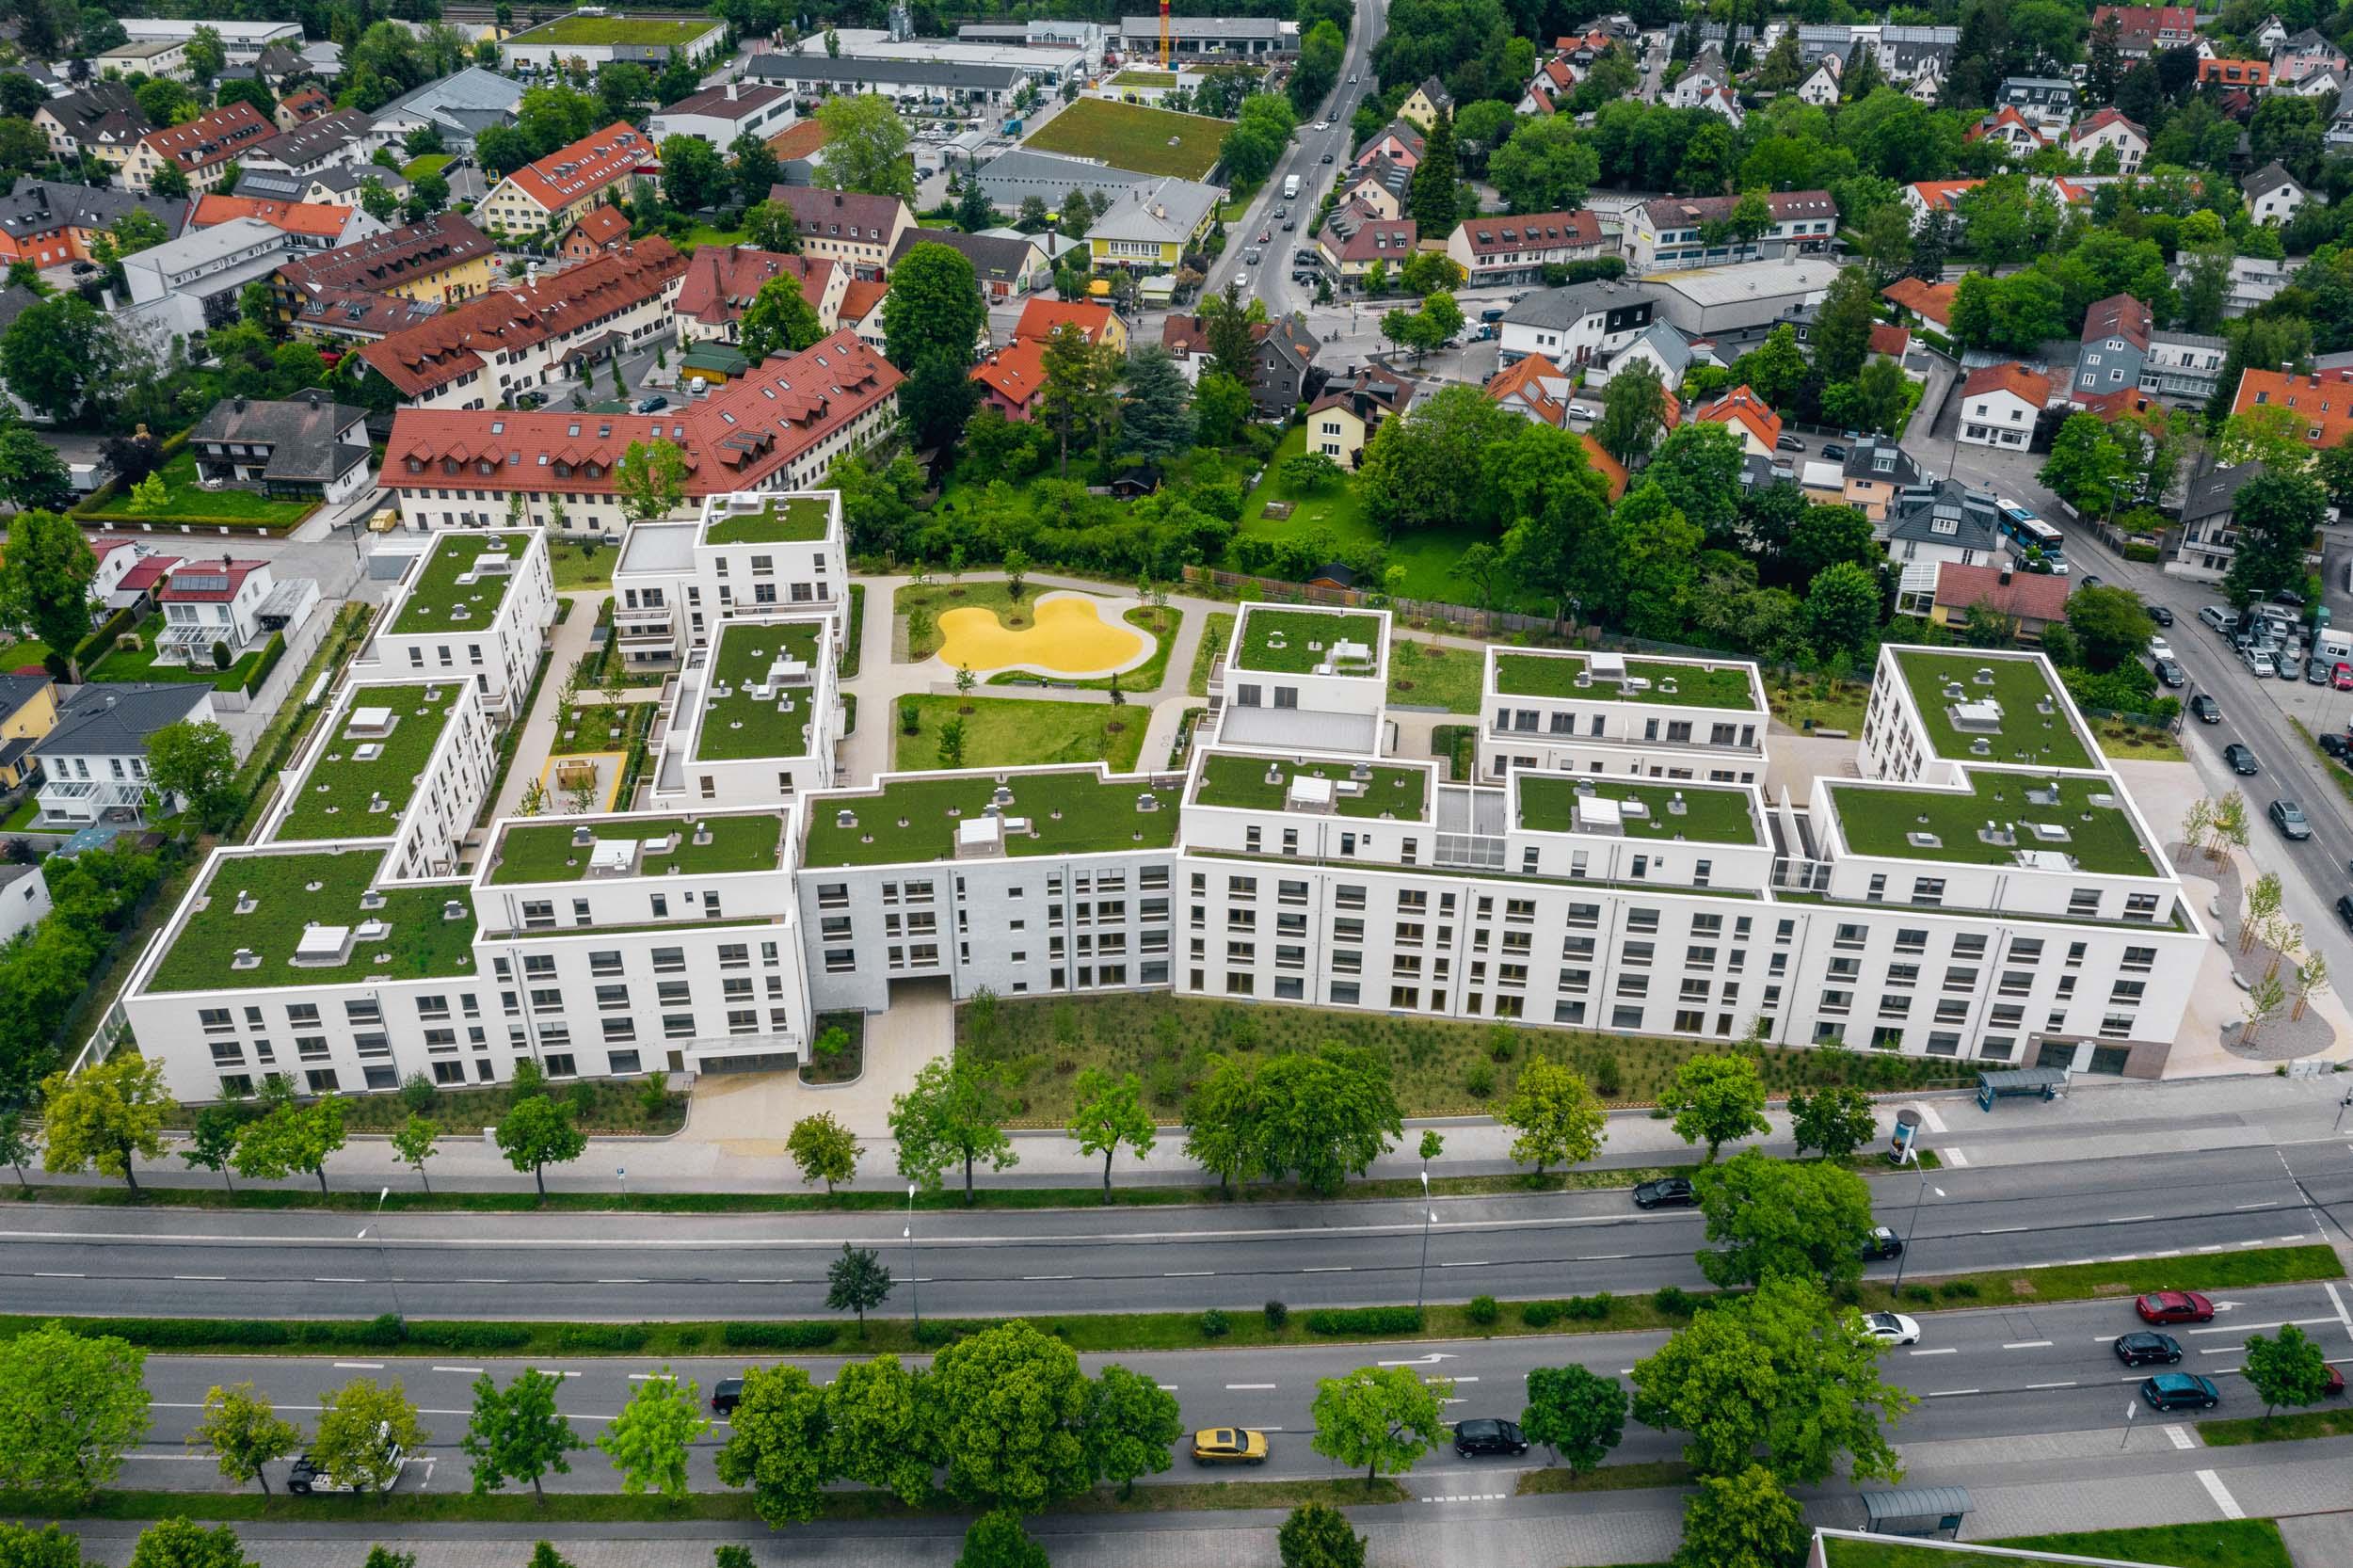 Gustav-Epple-Bauunternehmung-Tru-Living-München-Wohnbau-2020-TruLiving_DJI_0729#00